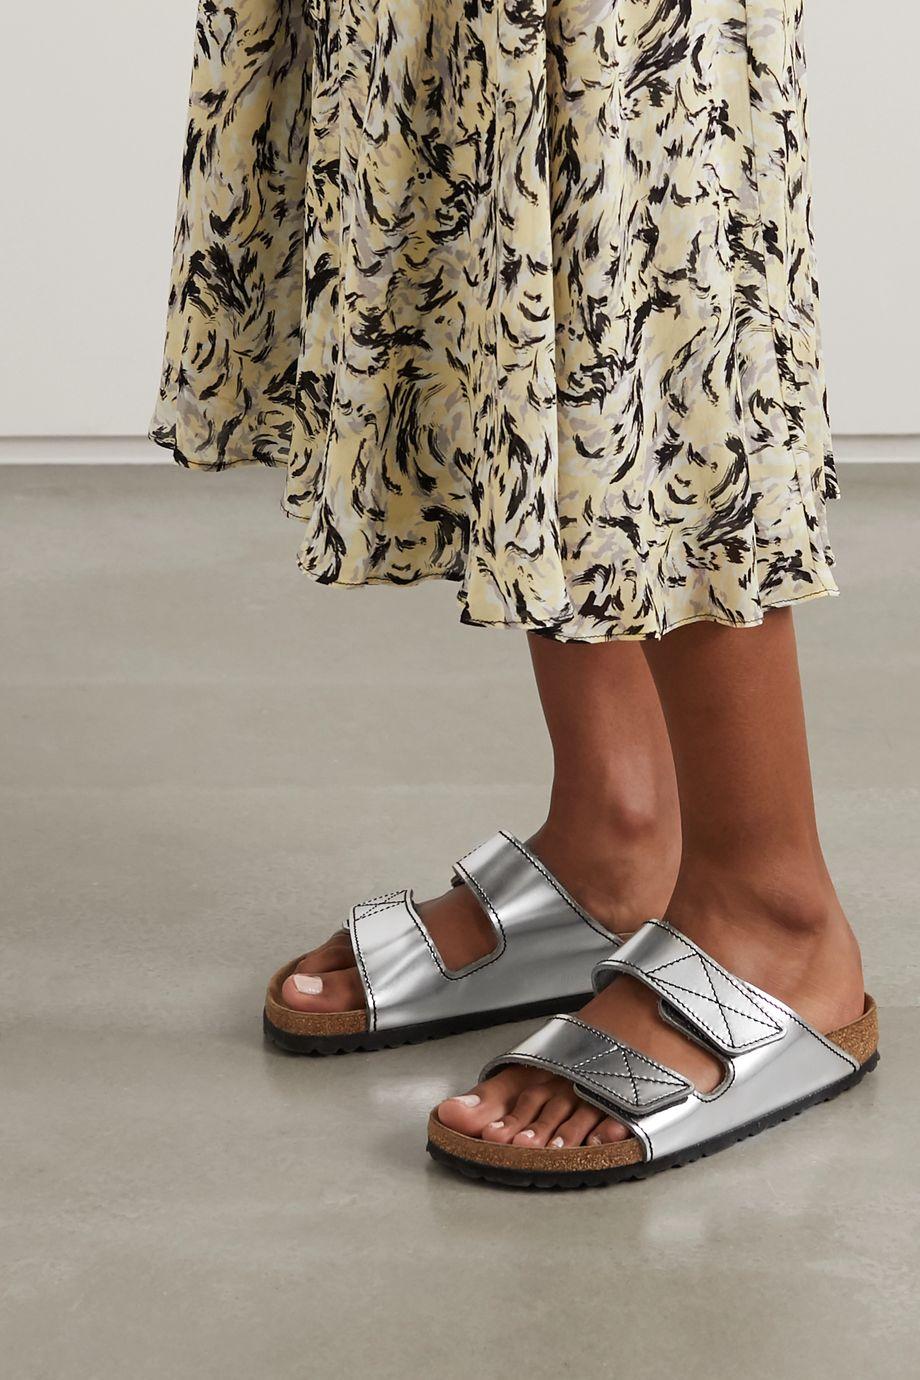 Proenza Schouler + Birkenstock Arizona Pantoletten aus Metallic-Leder mit Kontrastnähten